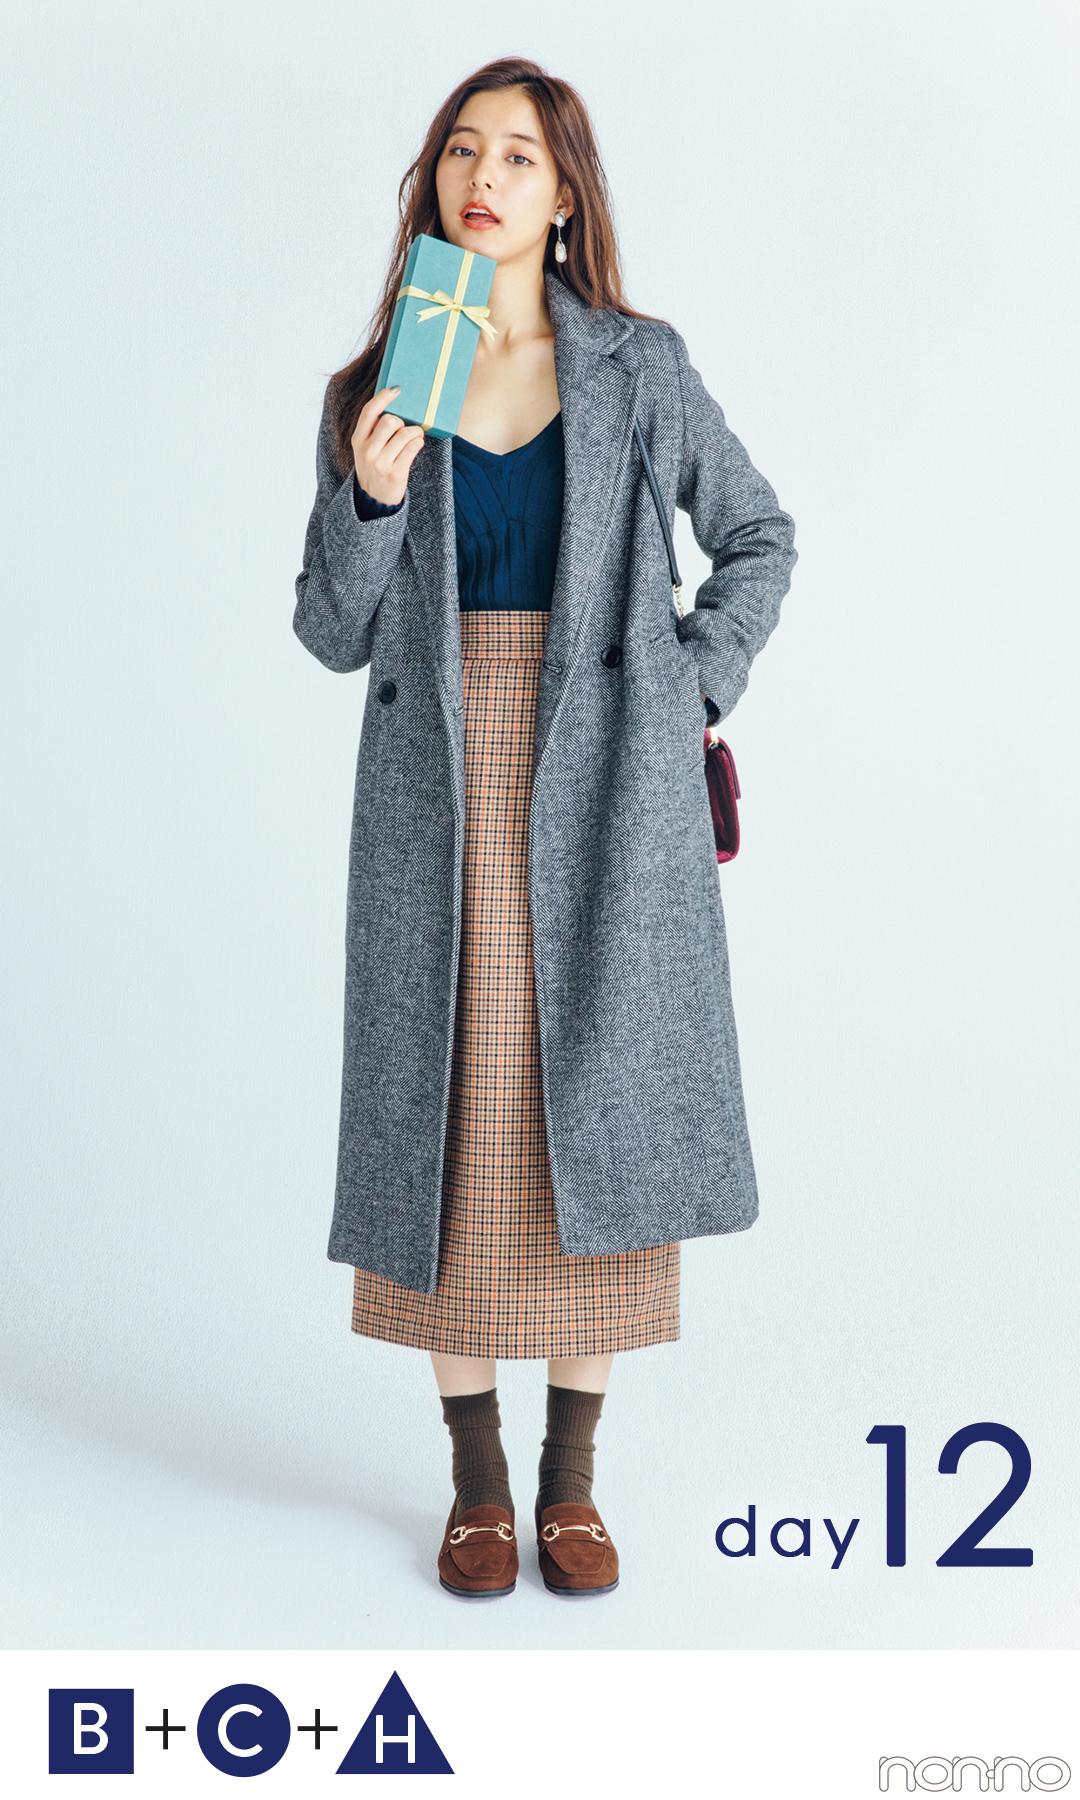 【最終話】優愛と優子のクリスマスイブ♡  12月のモテる着回しコーデ14days _1_2-2